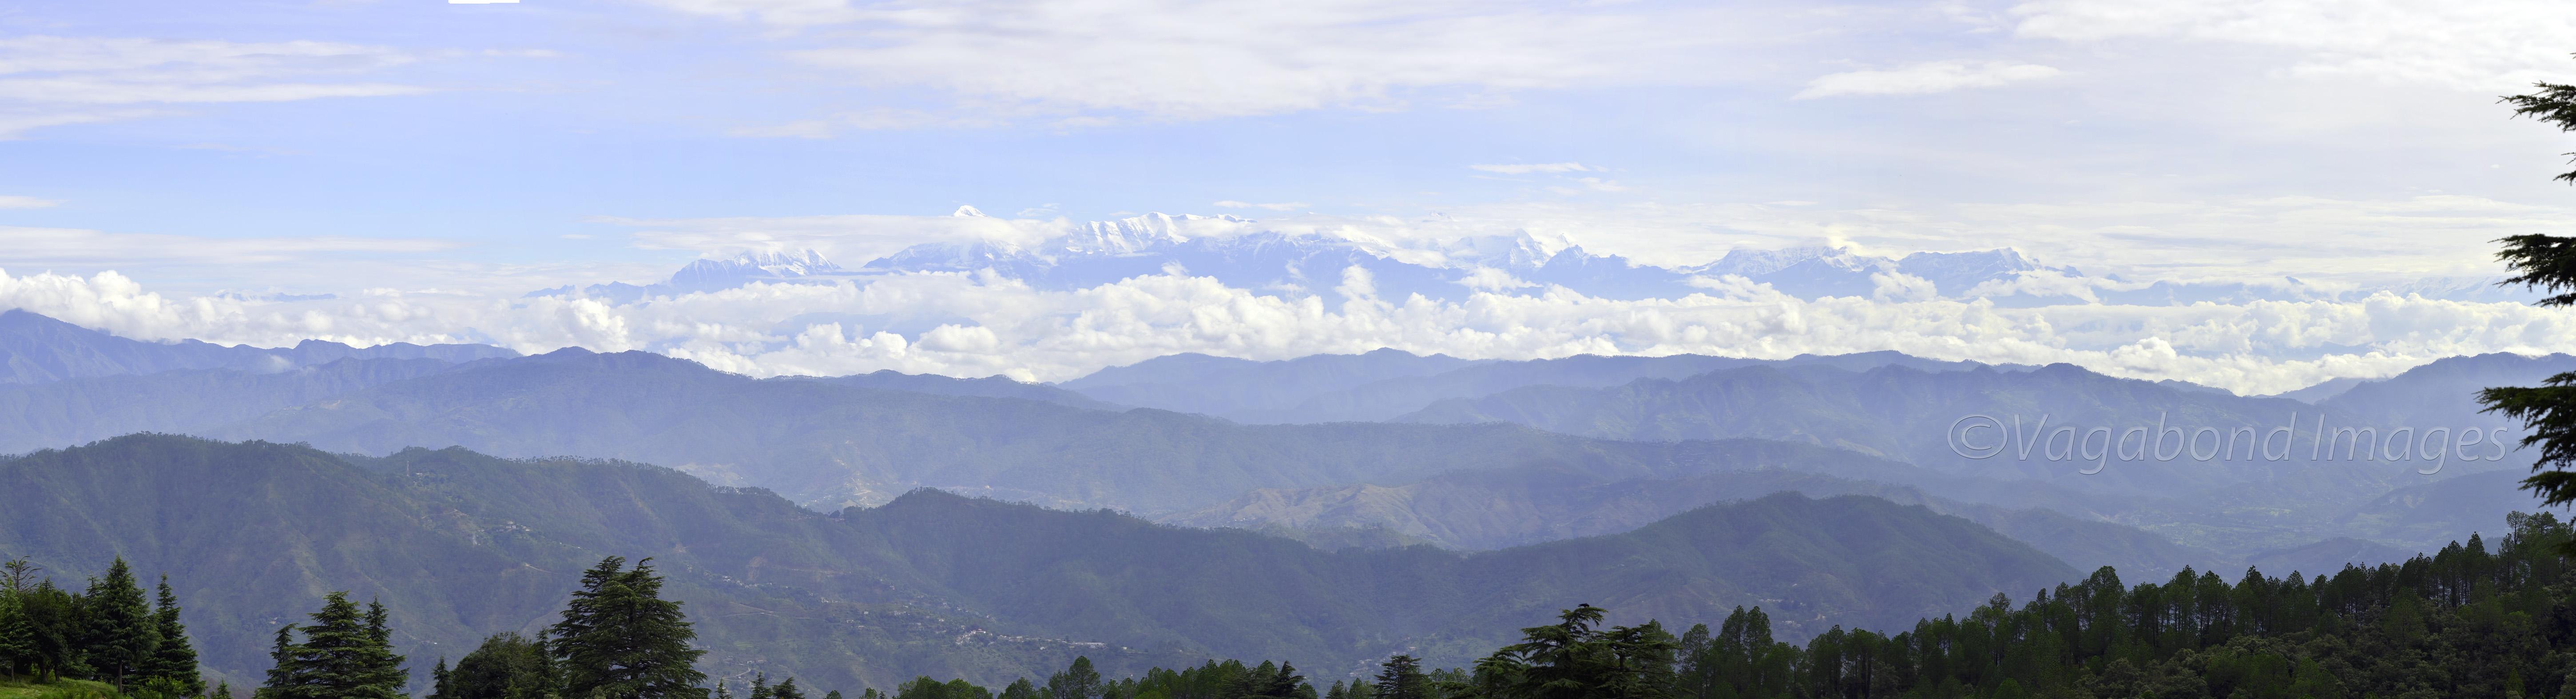 Kumaon Himalayas Peak